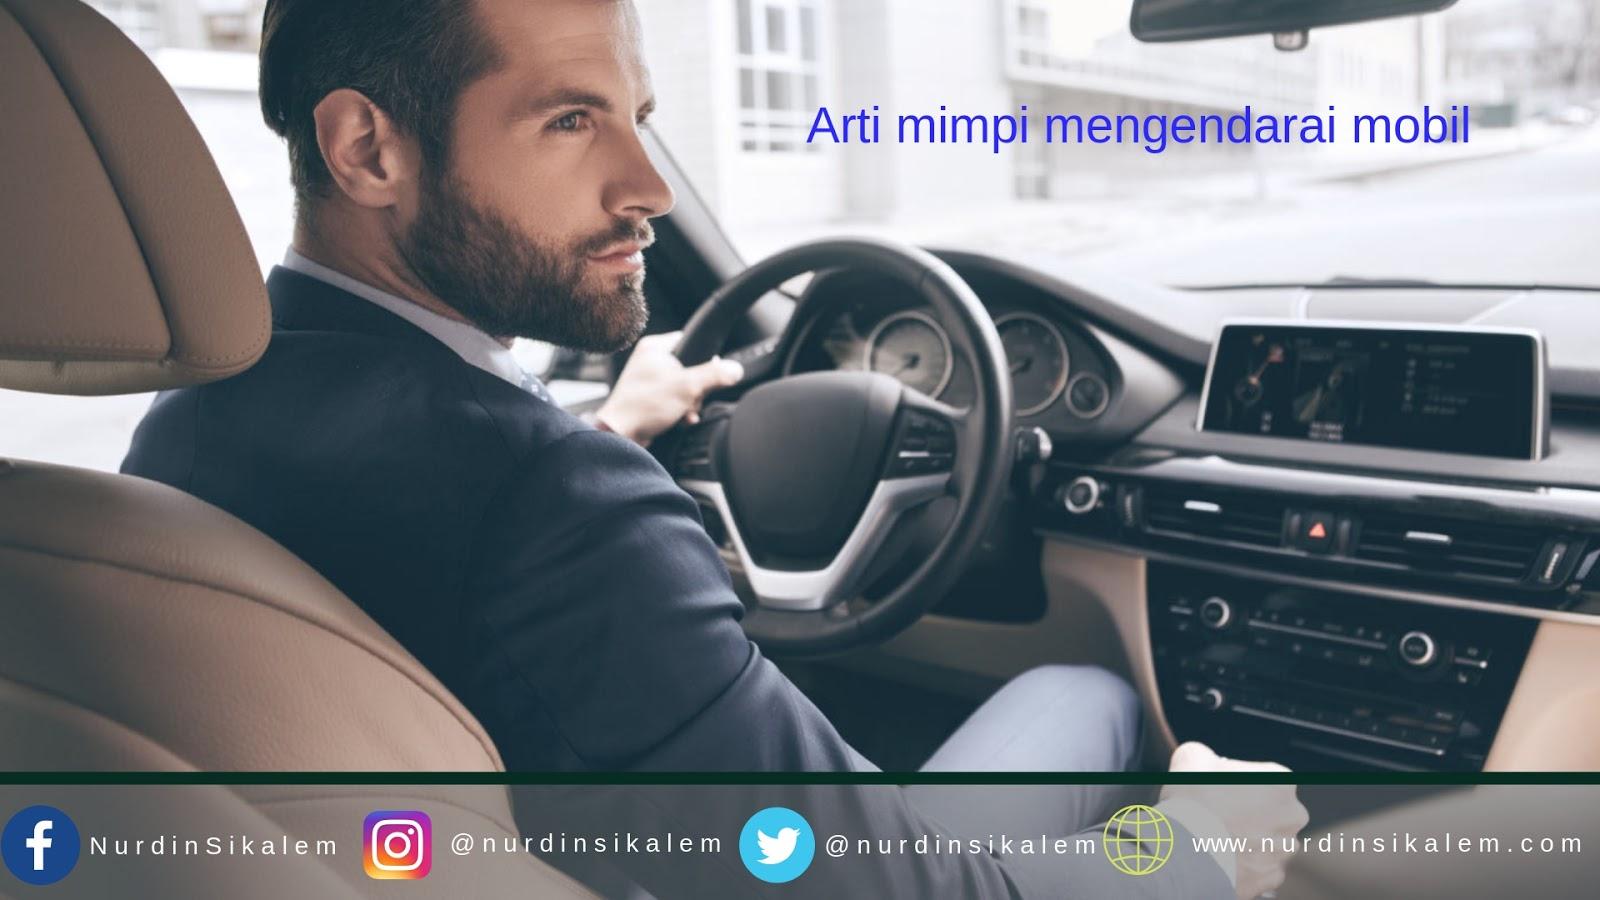 Mimpi mengendarai mobil